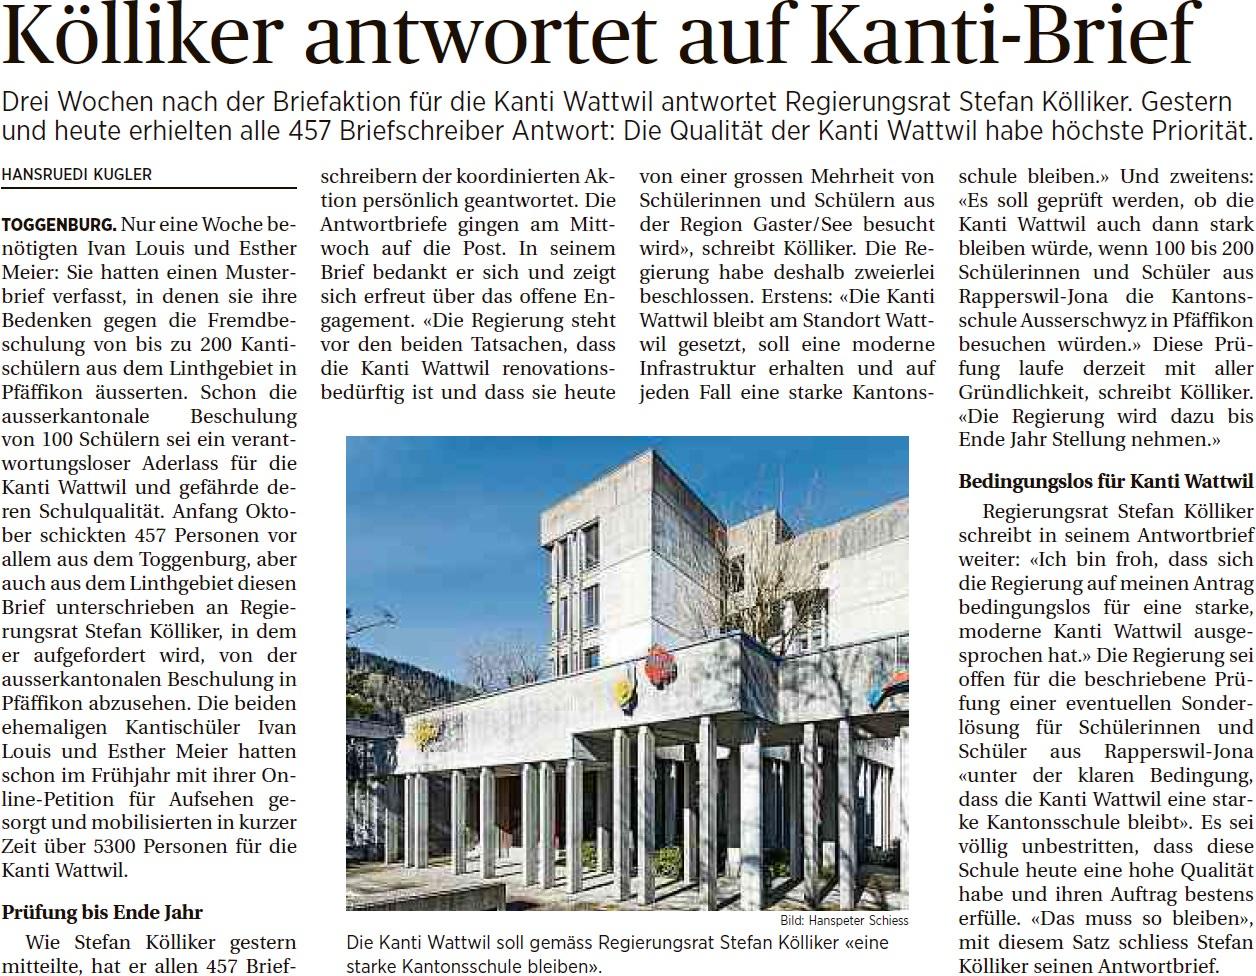 Stefan Kölliker antwortet auf Kanti-Brief (Freitag, 31.10.2014)